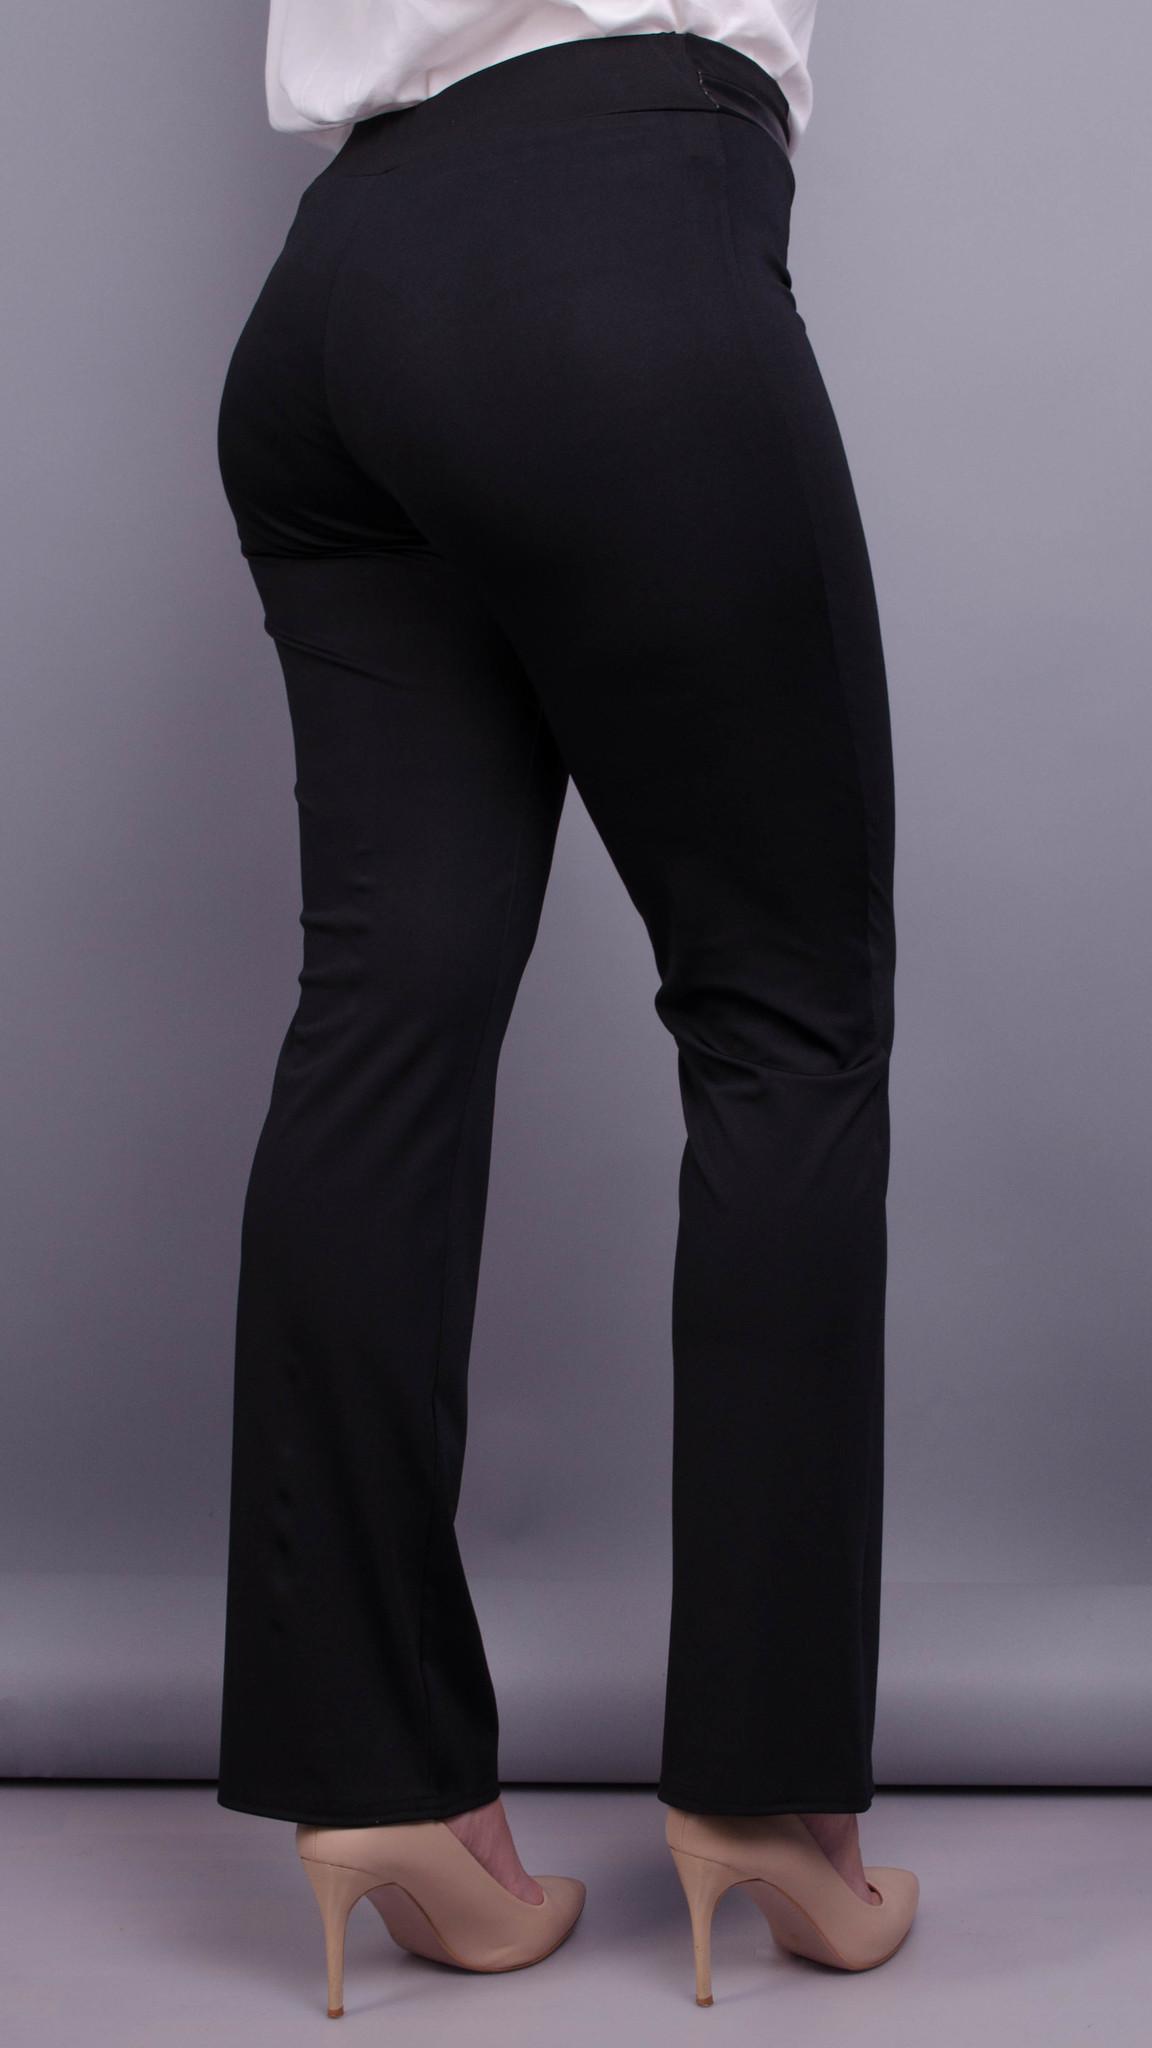 Никки. Женские брюки больших размеров утепленные. Черный. f1ff18e4ed356